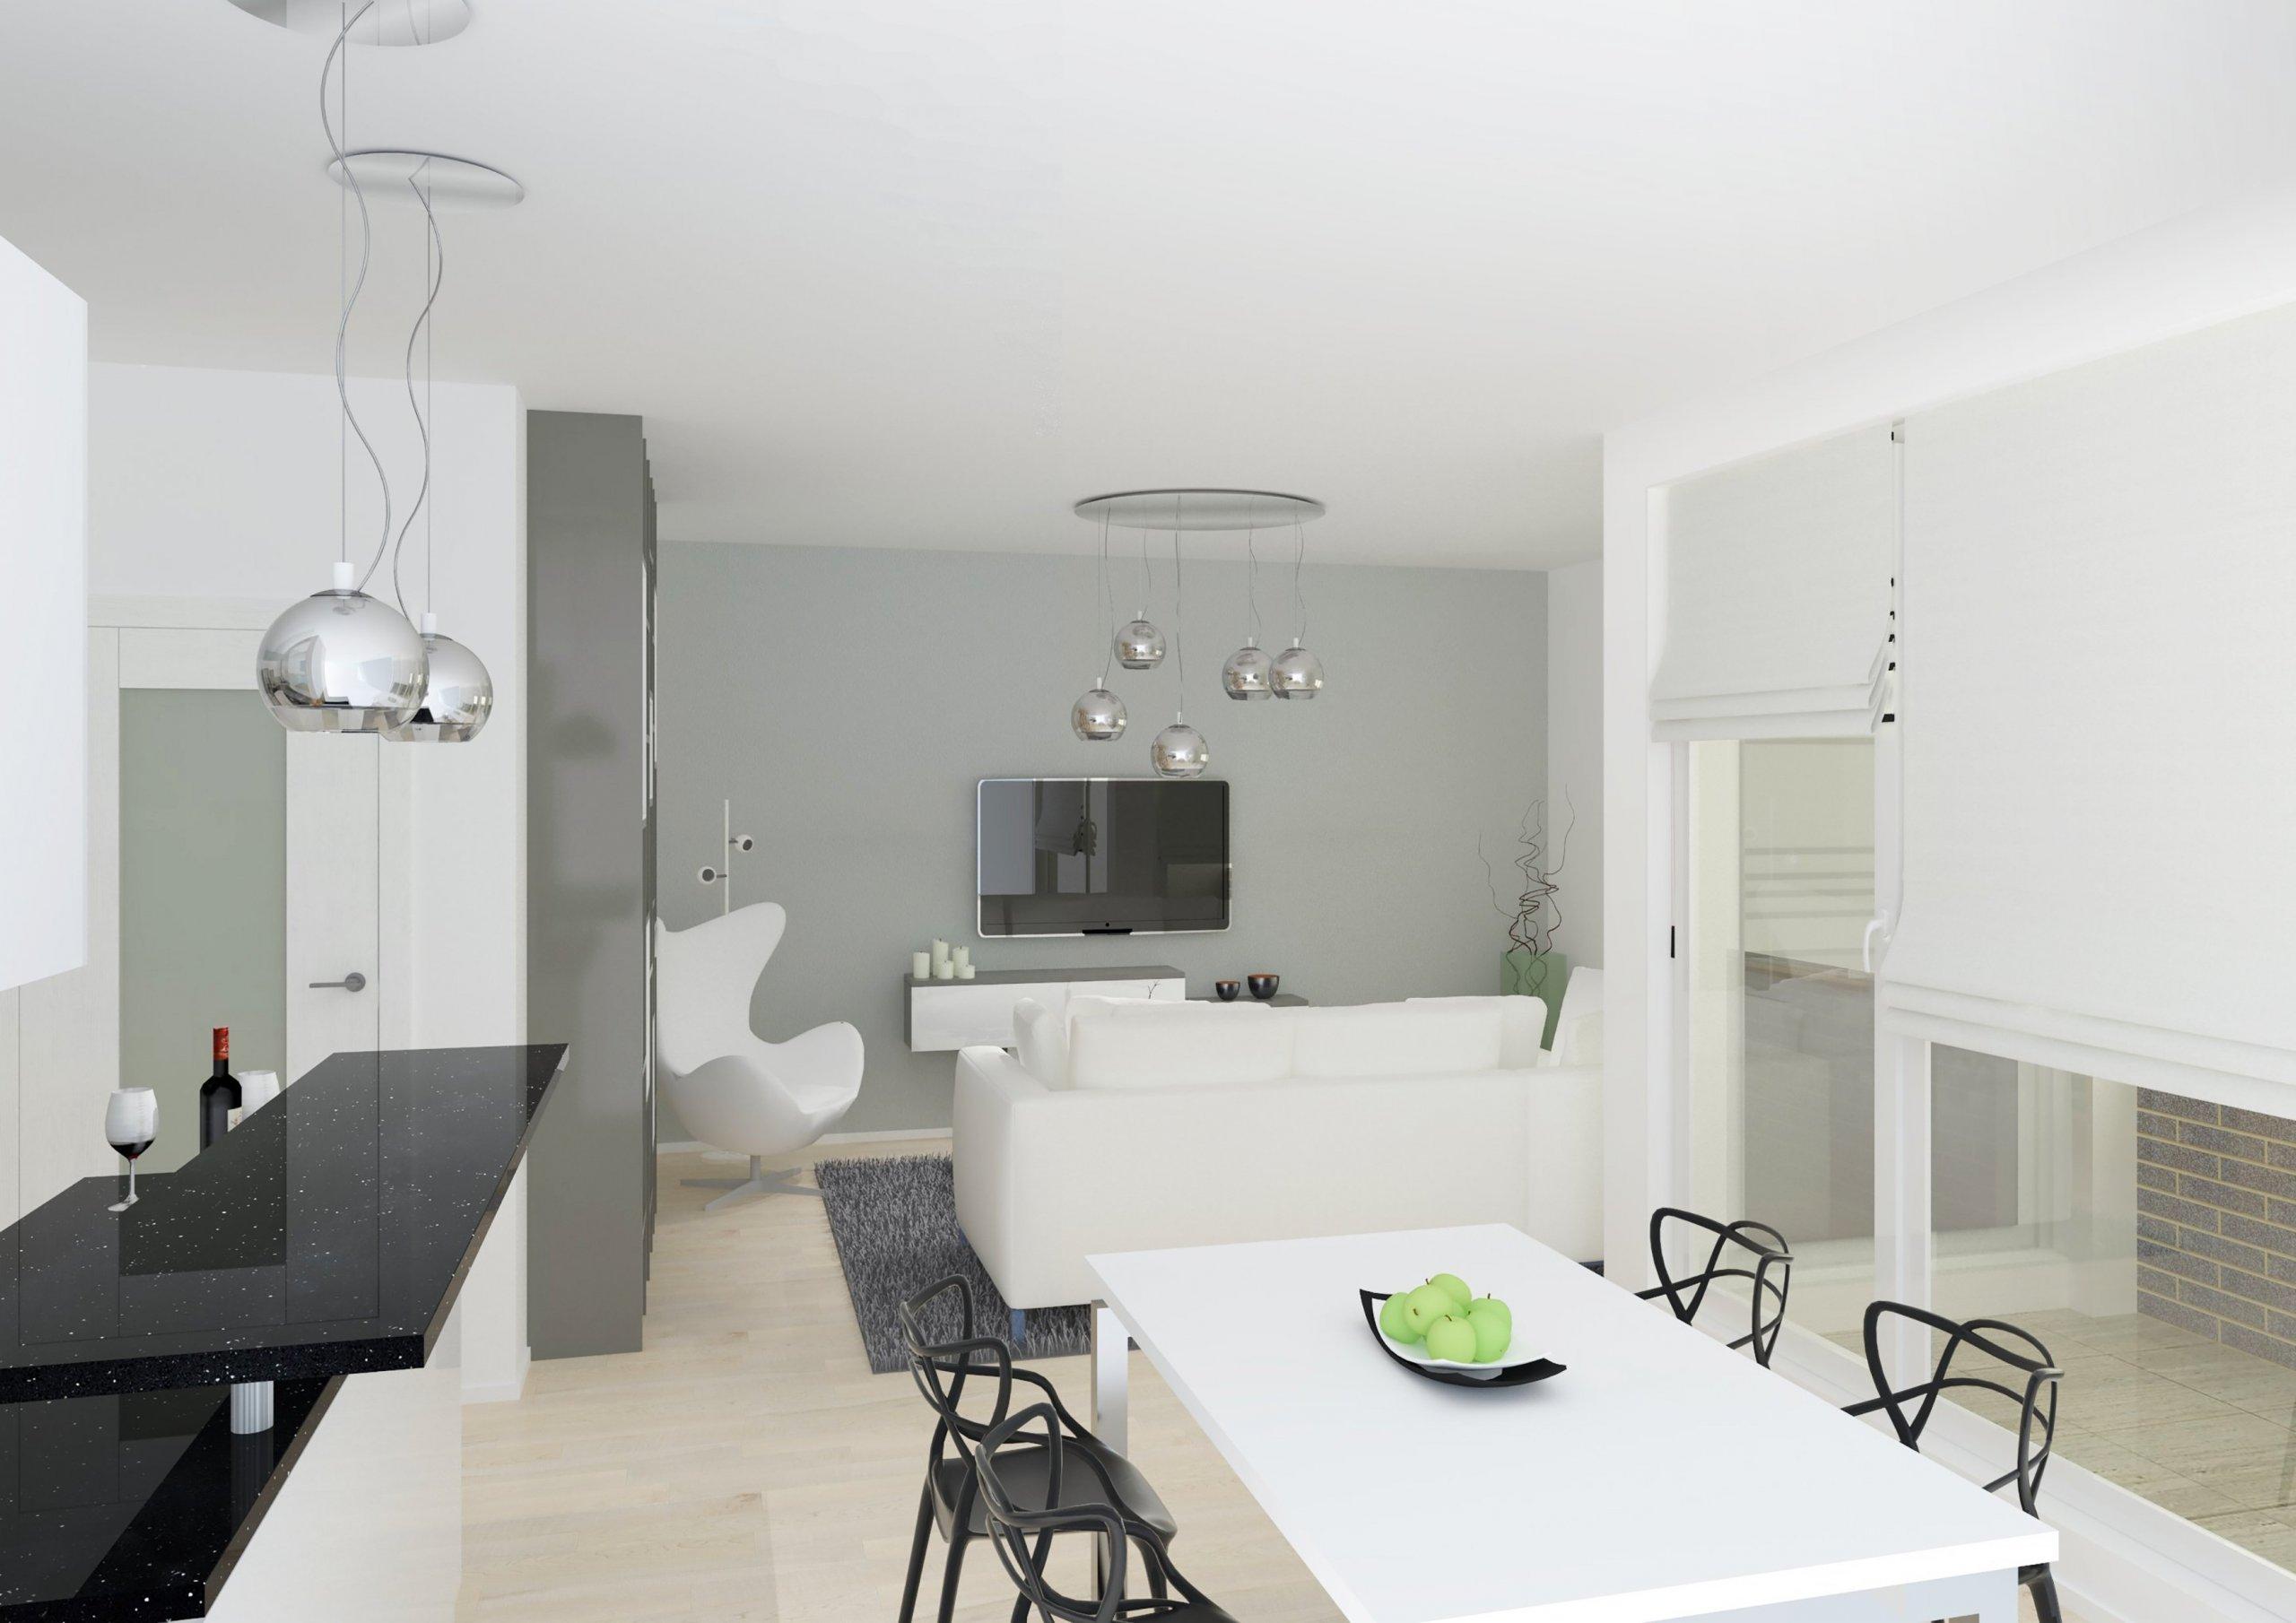 Obývací pokoj, kuchyň, koupelna